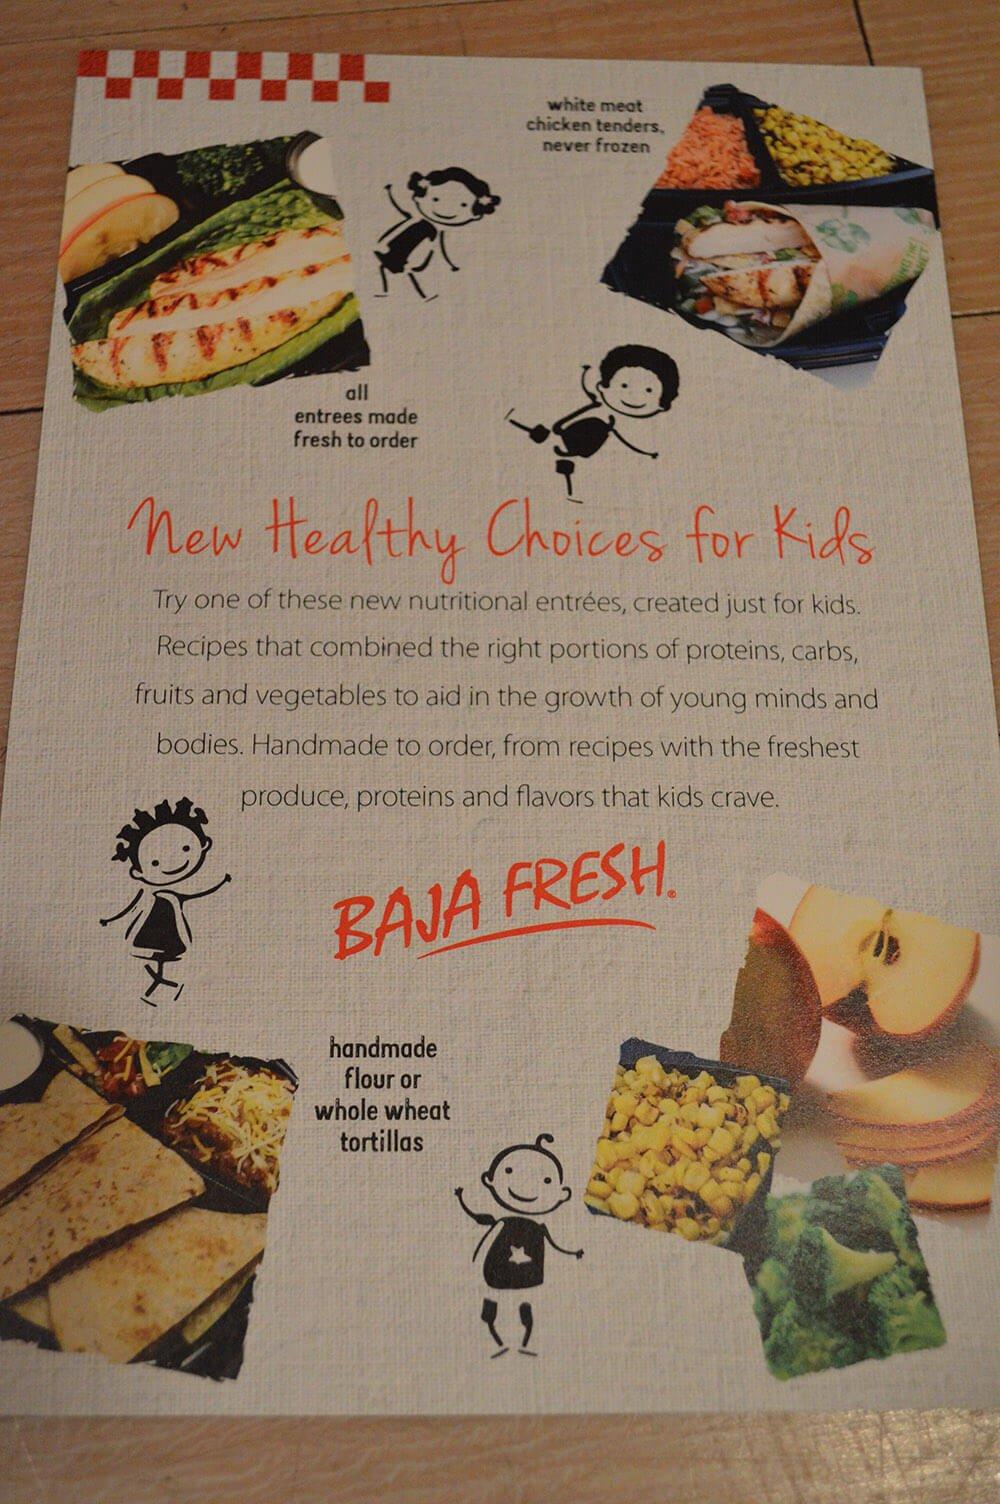 baja fresh menu image 6